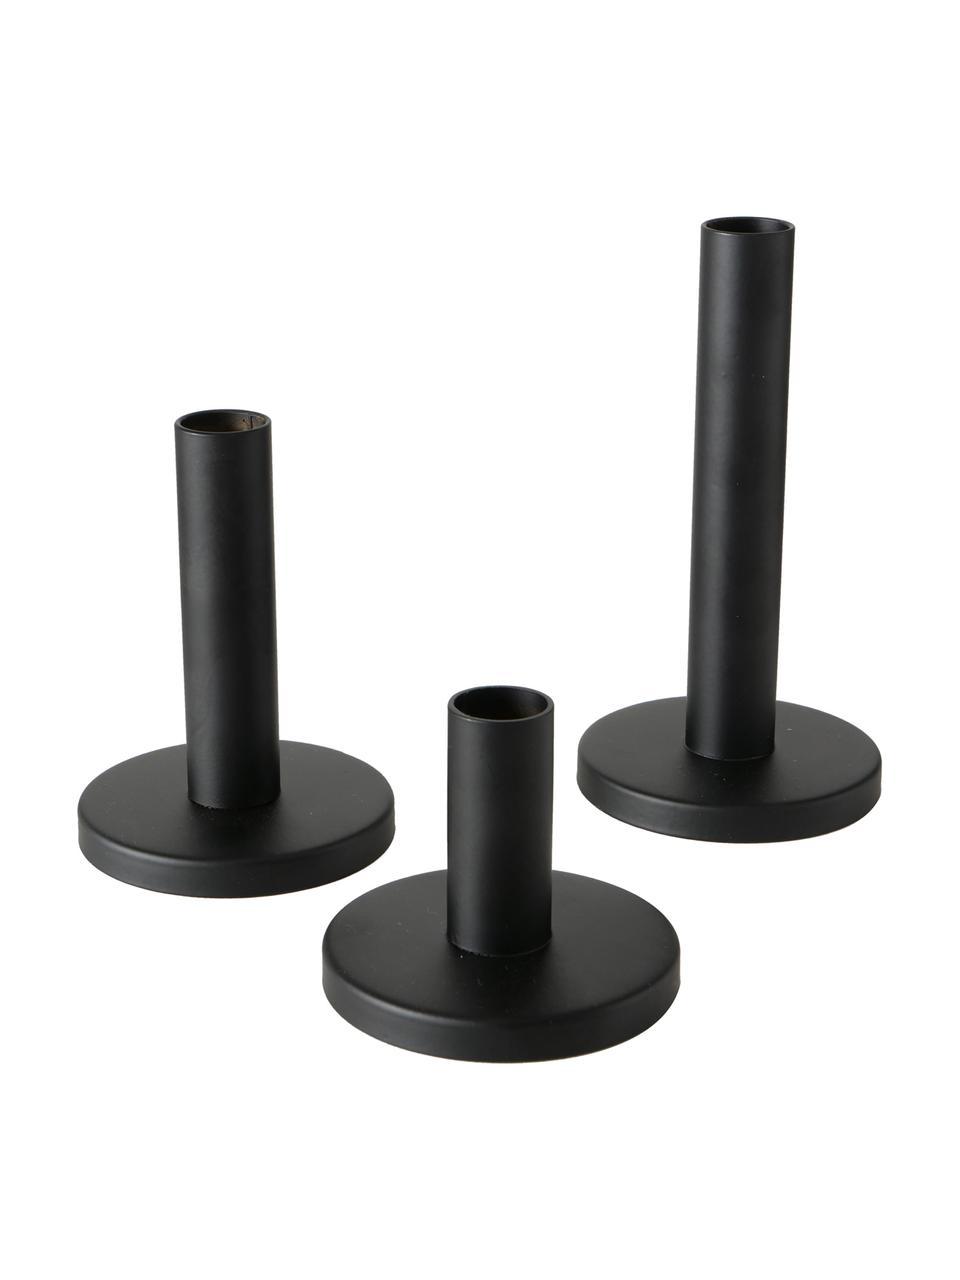 Komplet świeczników Malko, 3 elem., Metal powlekany, Czarny, Komplet z różnymi rozmiarami